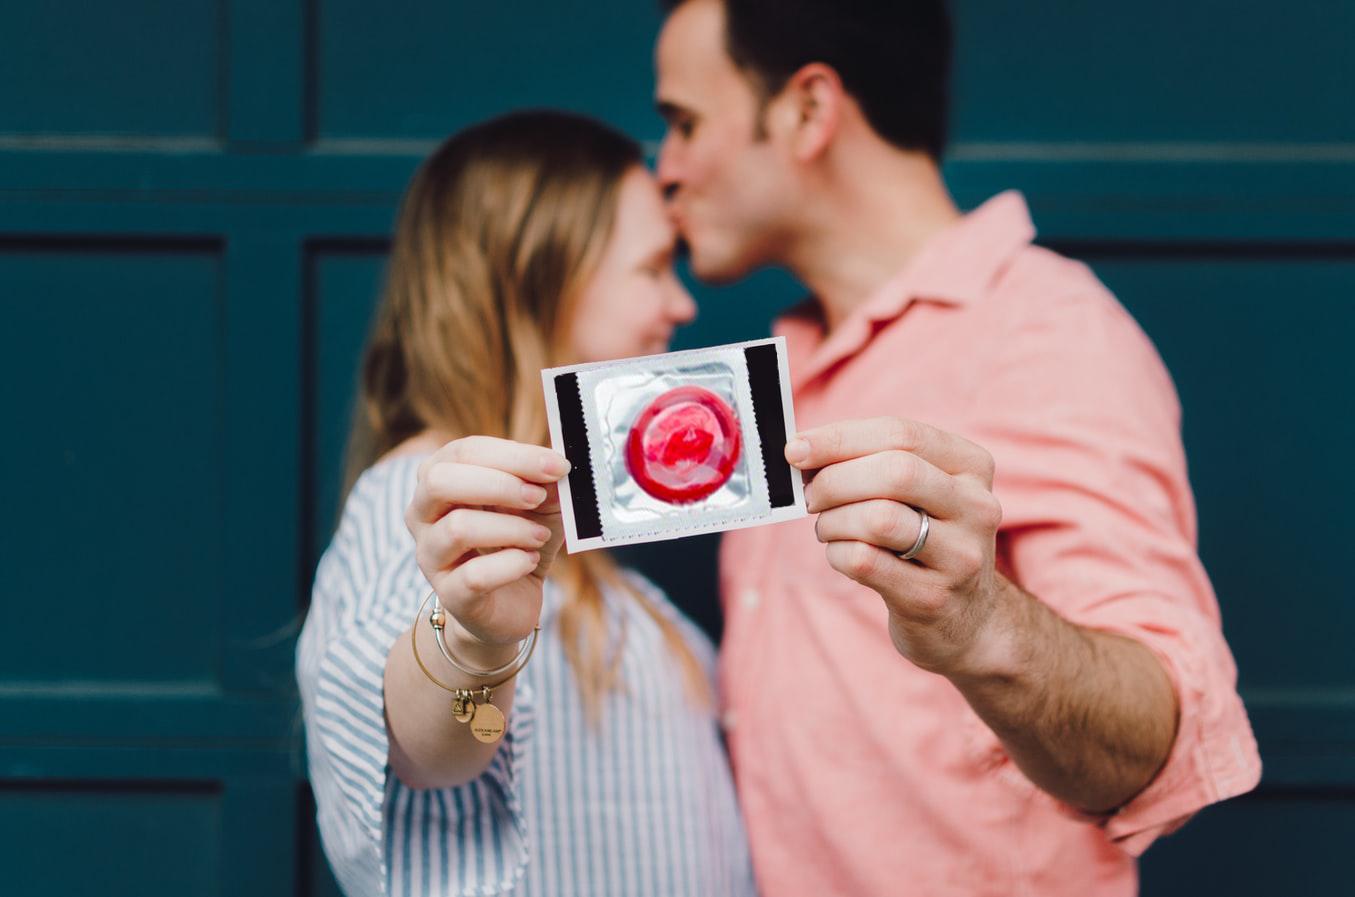 آیا استفاده از کاندوم در بارداری ضرر دارد؟